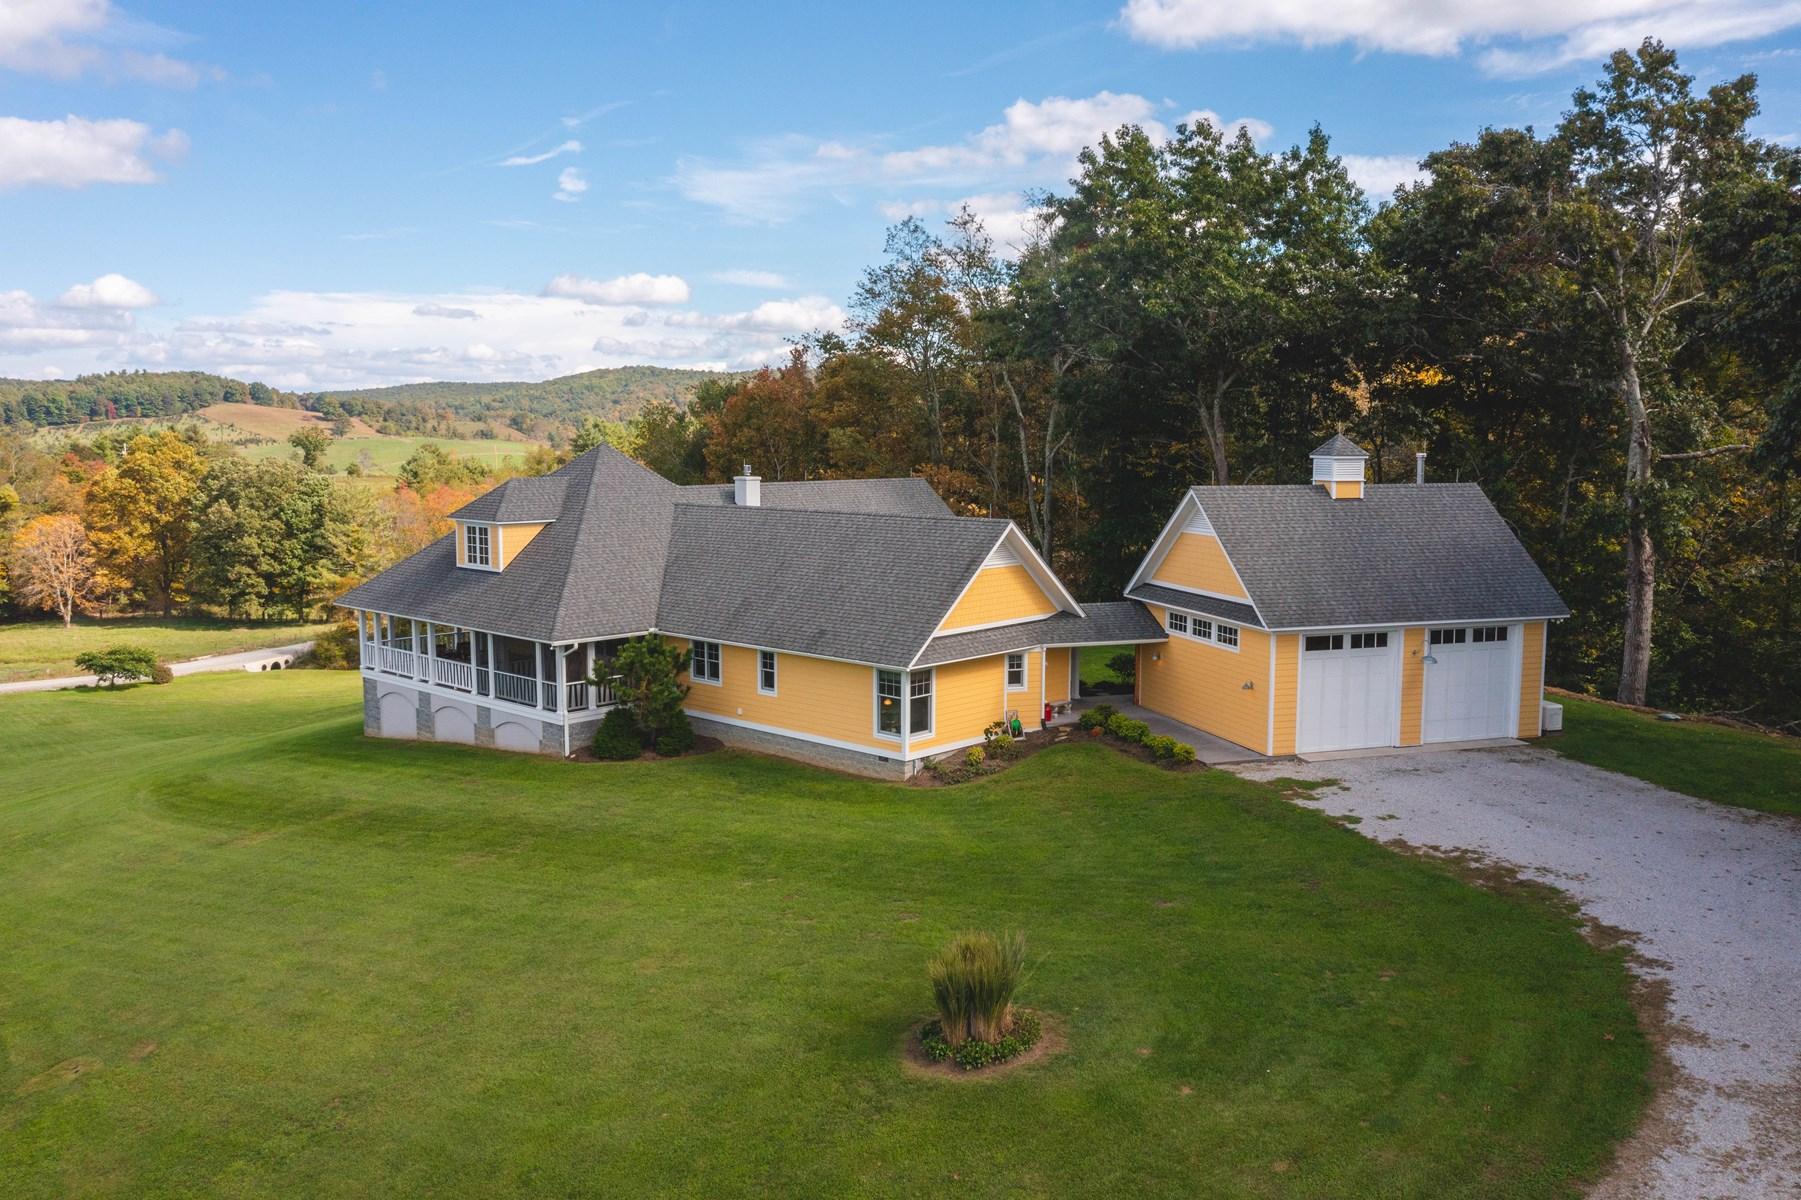 Stunning Custom Built Home for Sale in Copper Hill VA!